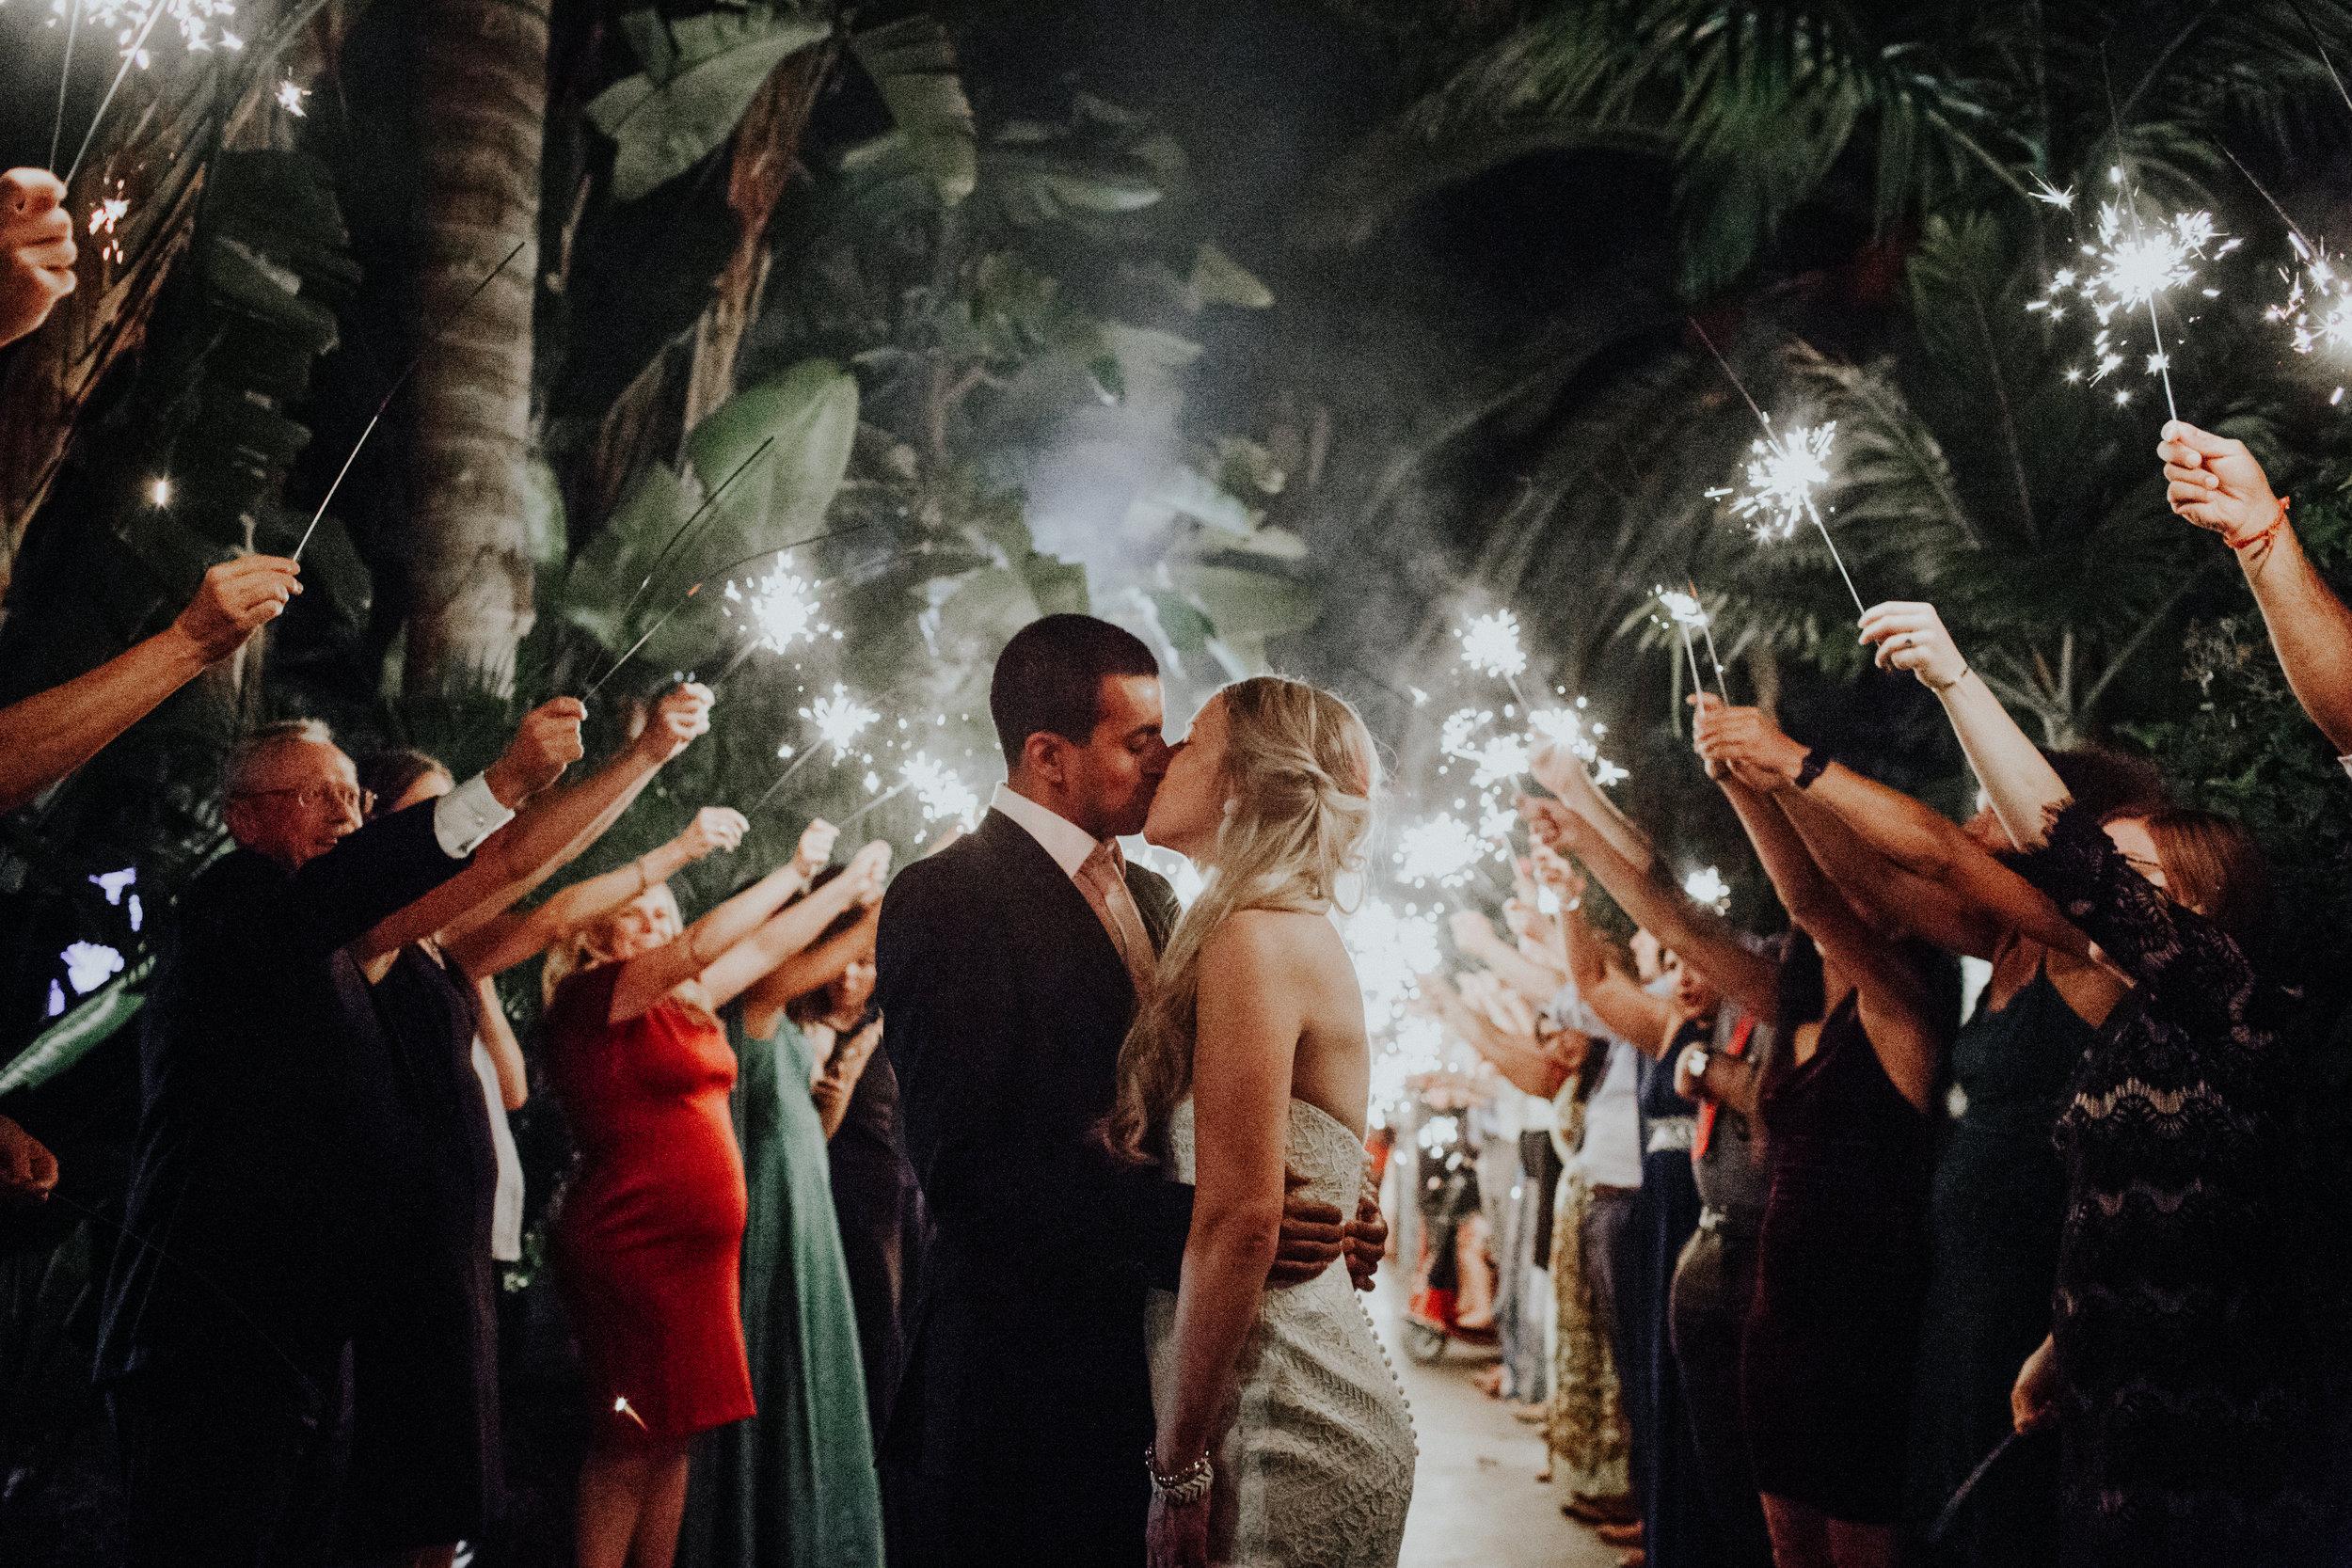 Adarsh + Natasha, married October 2017 in Fallbrook, CA